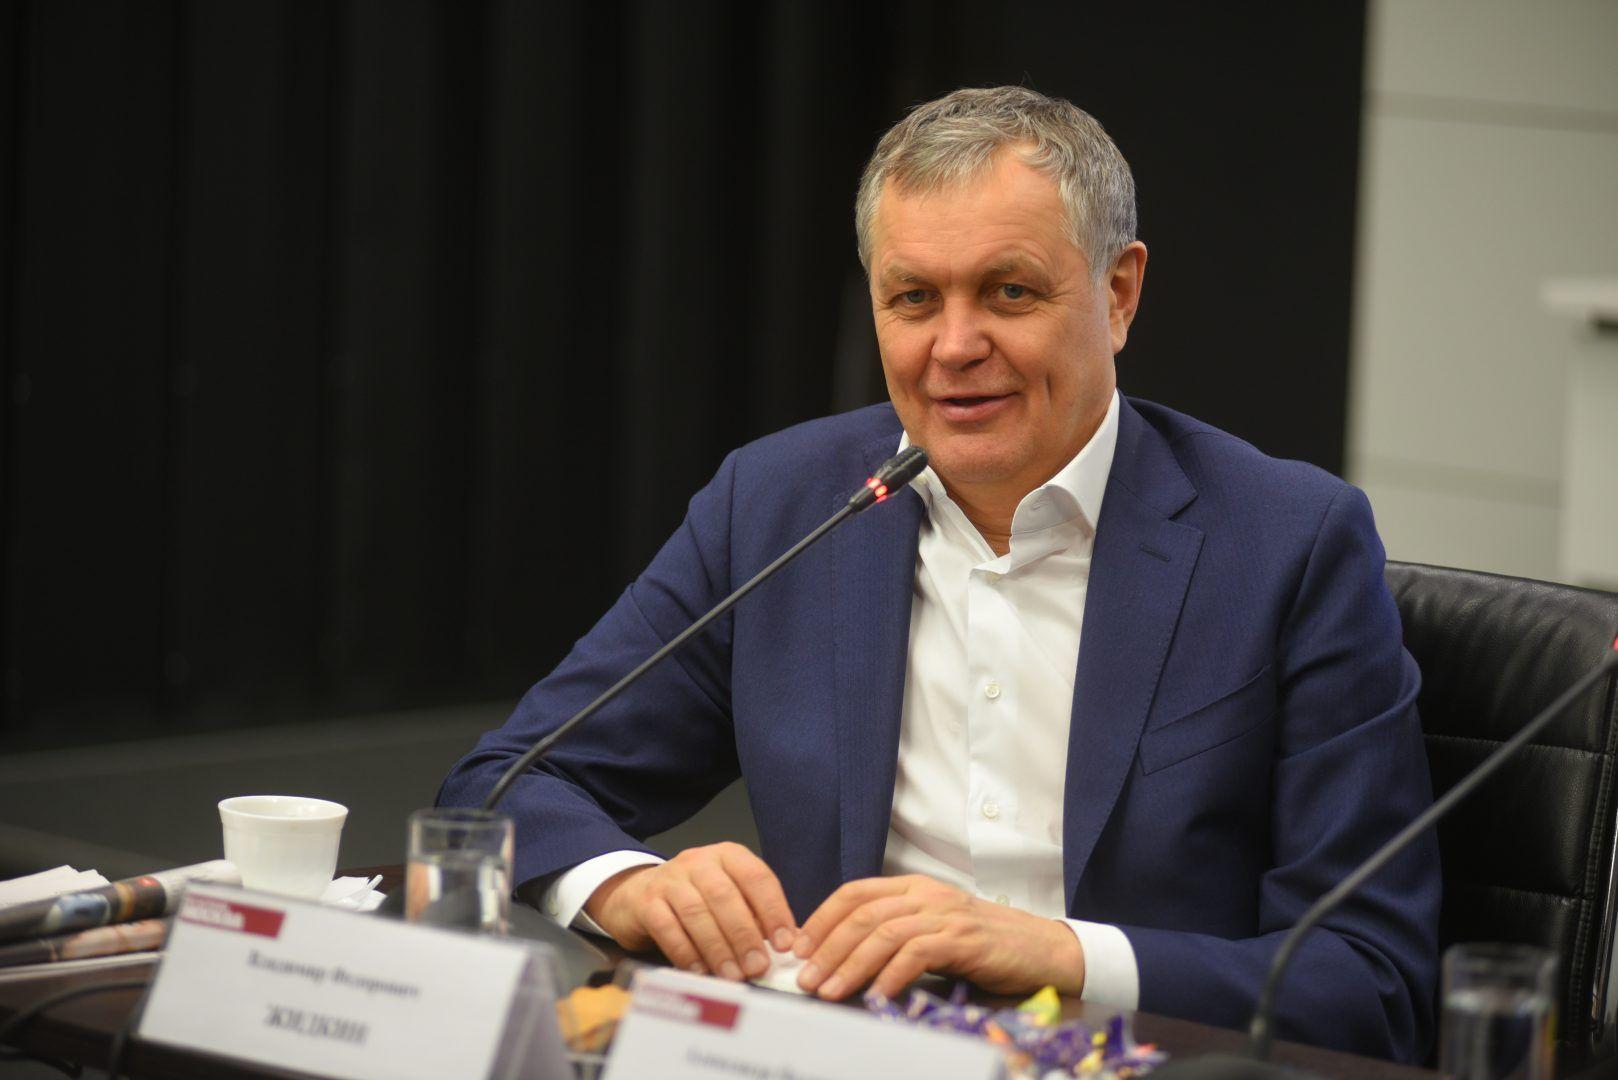 Руководитель Департамента развития новых территорий Москвы Владимир Жидкин. Фото: Александр Кожохин